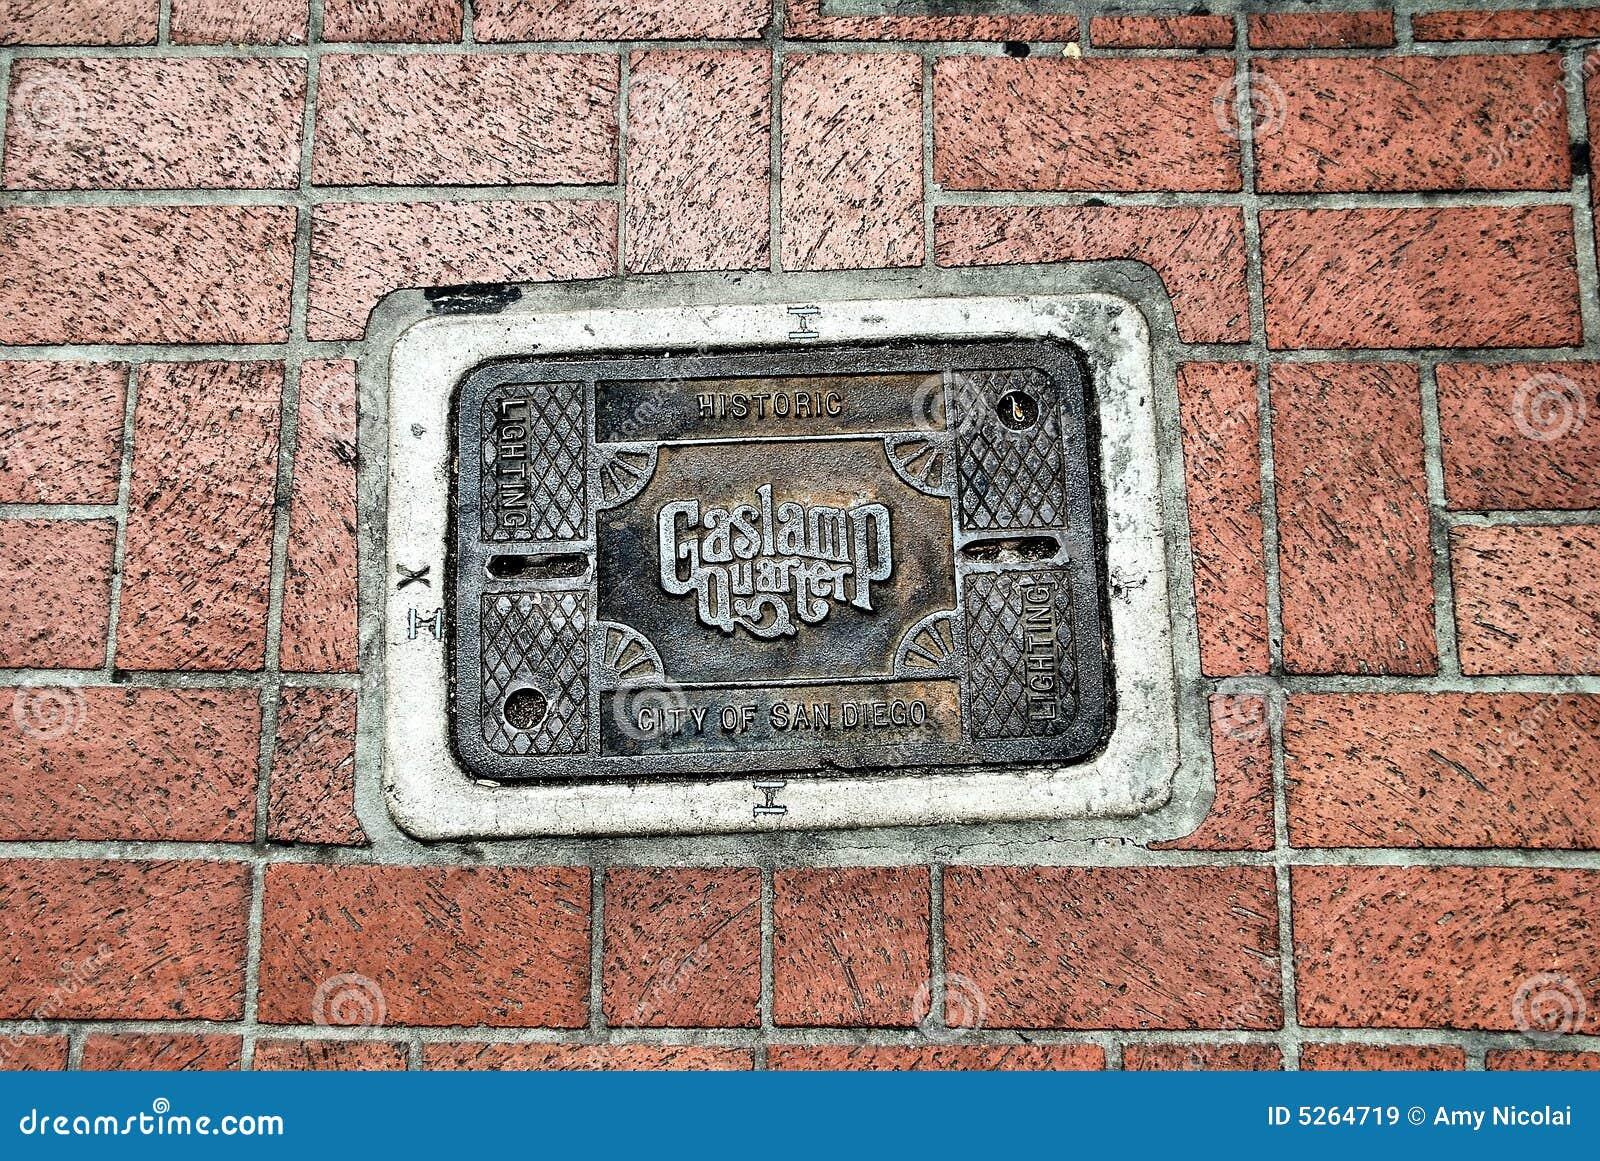 San Diego Gaslamp Quarter utility cover